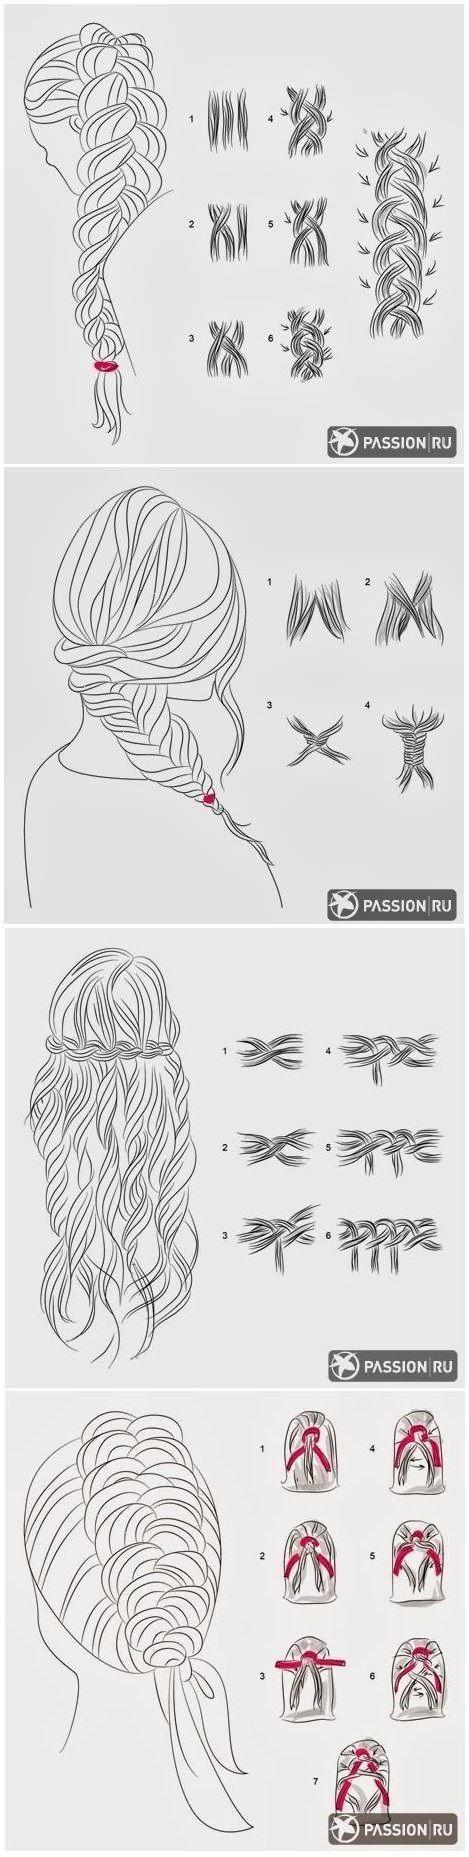 peinados-faciles-rapidos-ninas